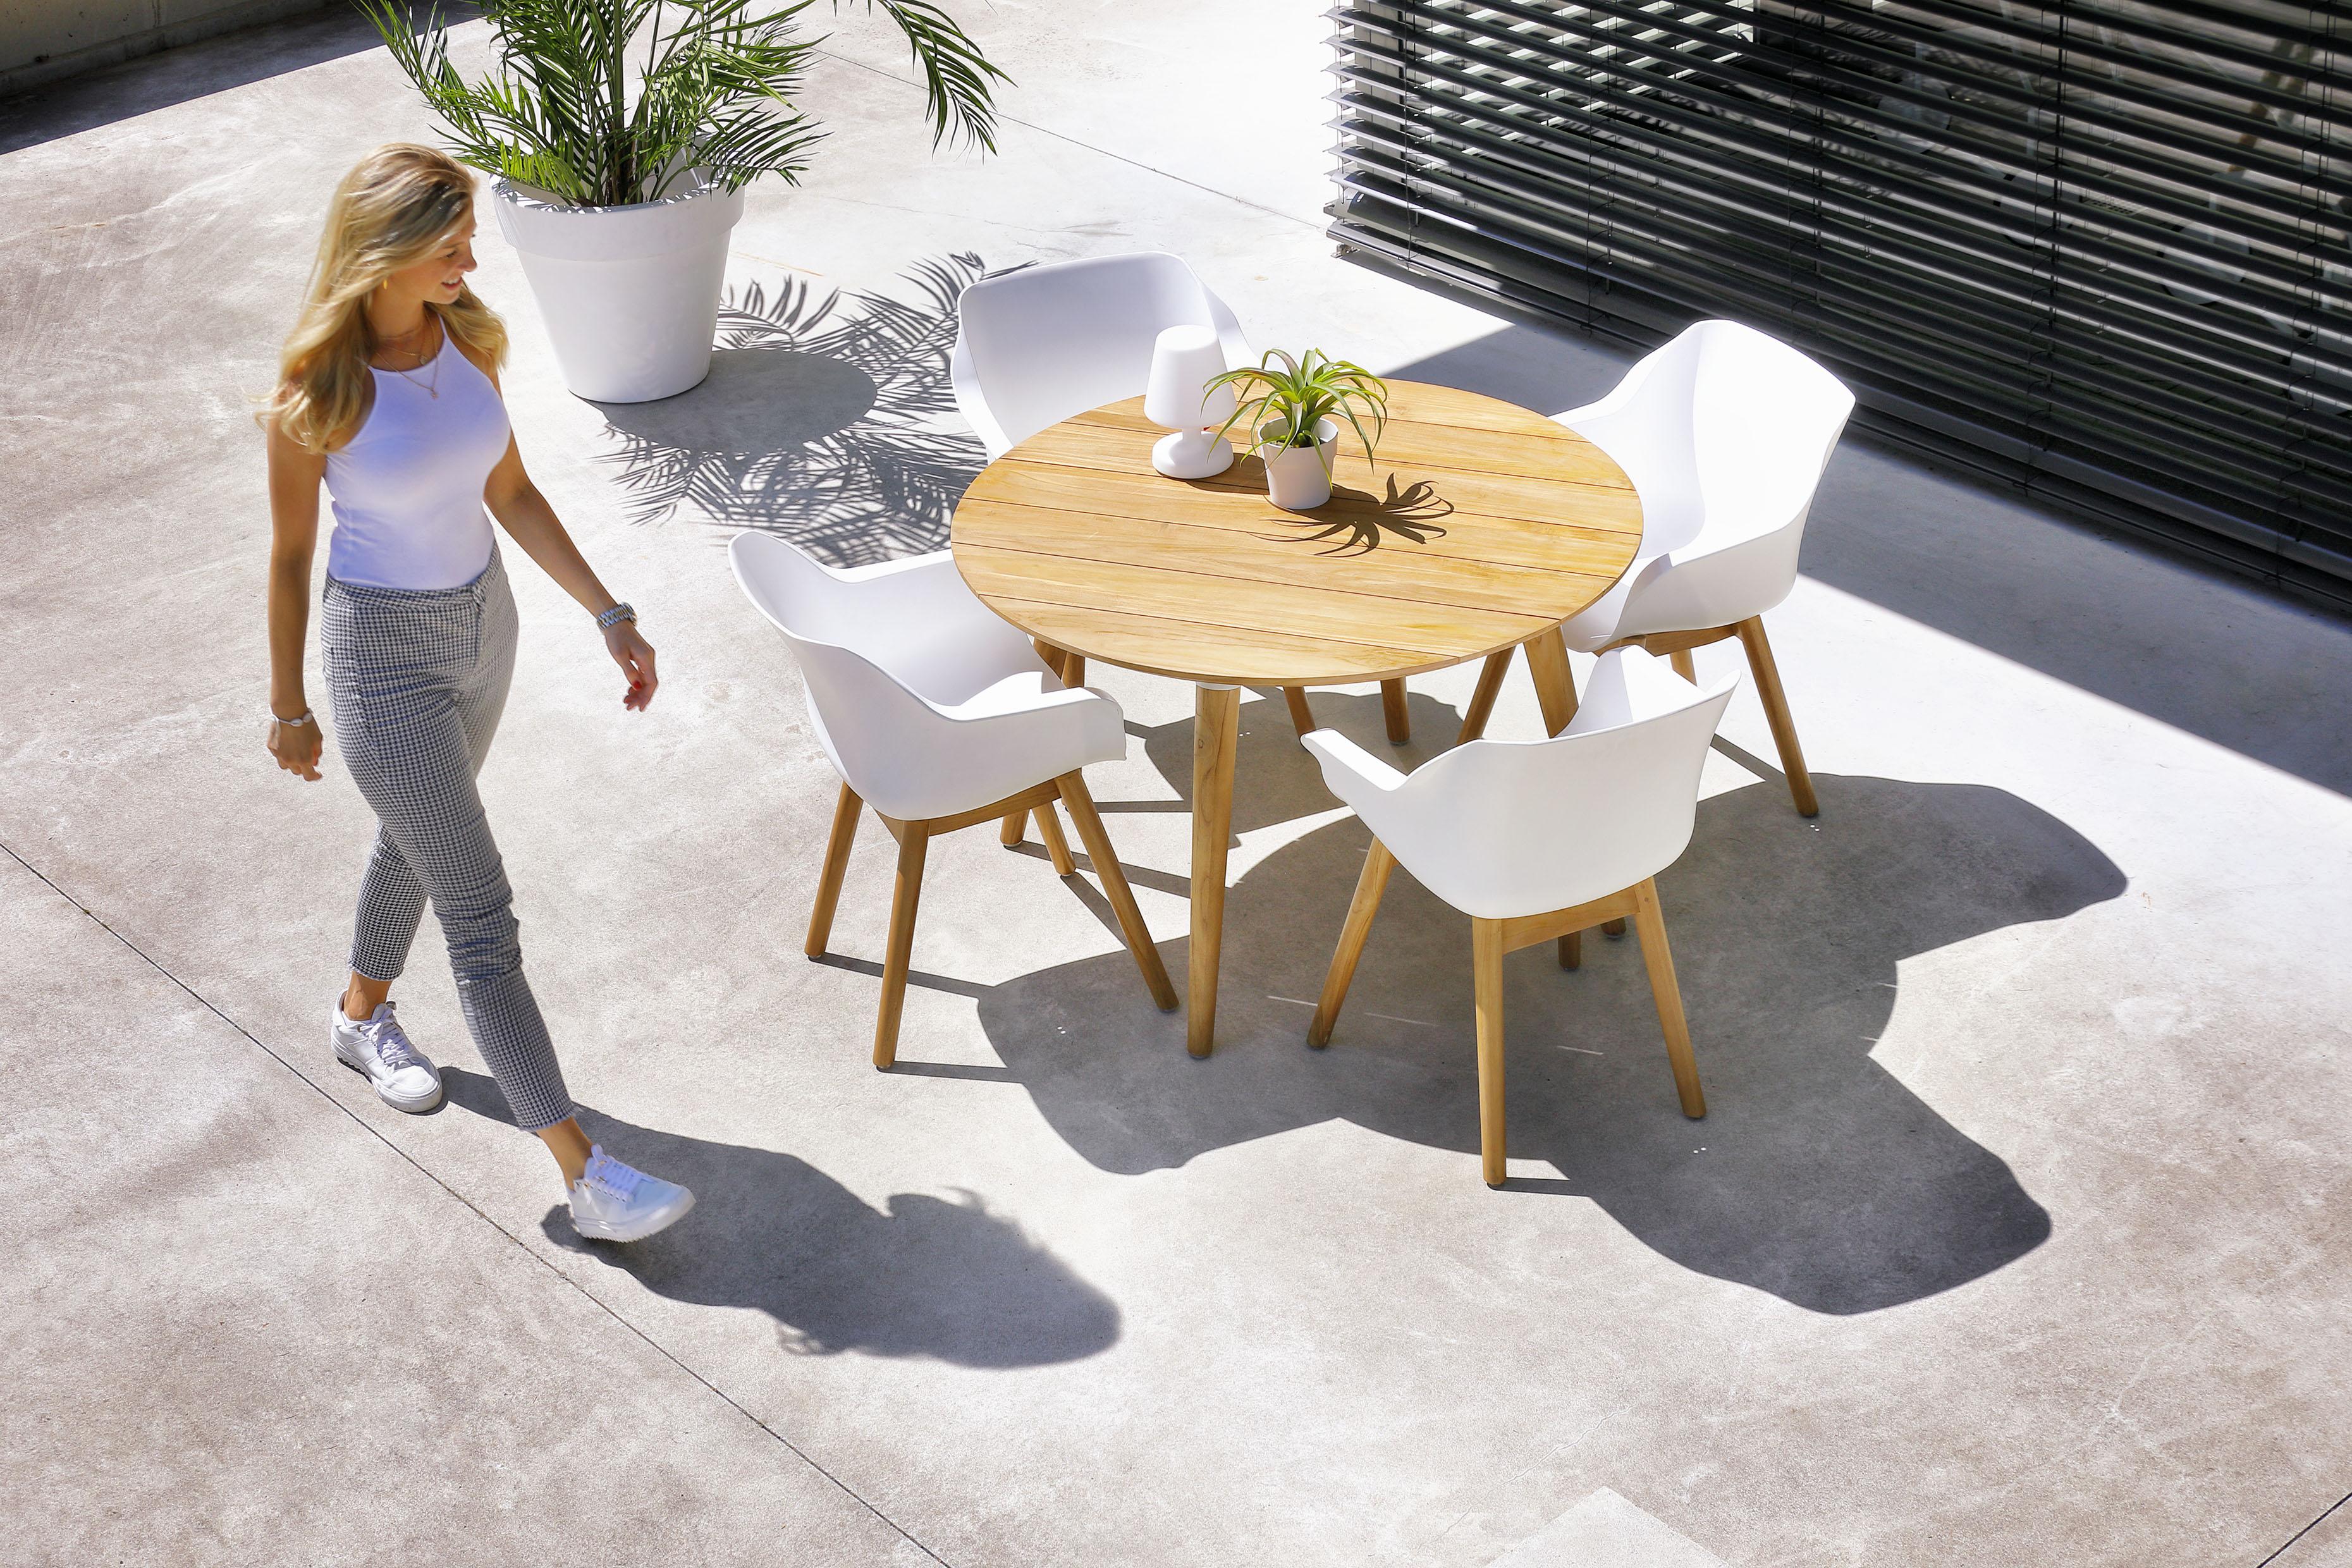 Jak ušetřit za kvalitní zahradní nábytek Hartman až 50 %? Pořiďte si výbavu na příští sezónu ještě letos a na léto 2021 budete připraveni